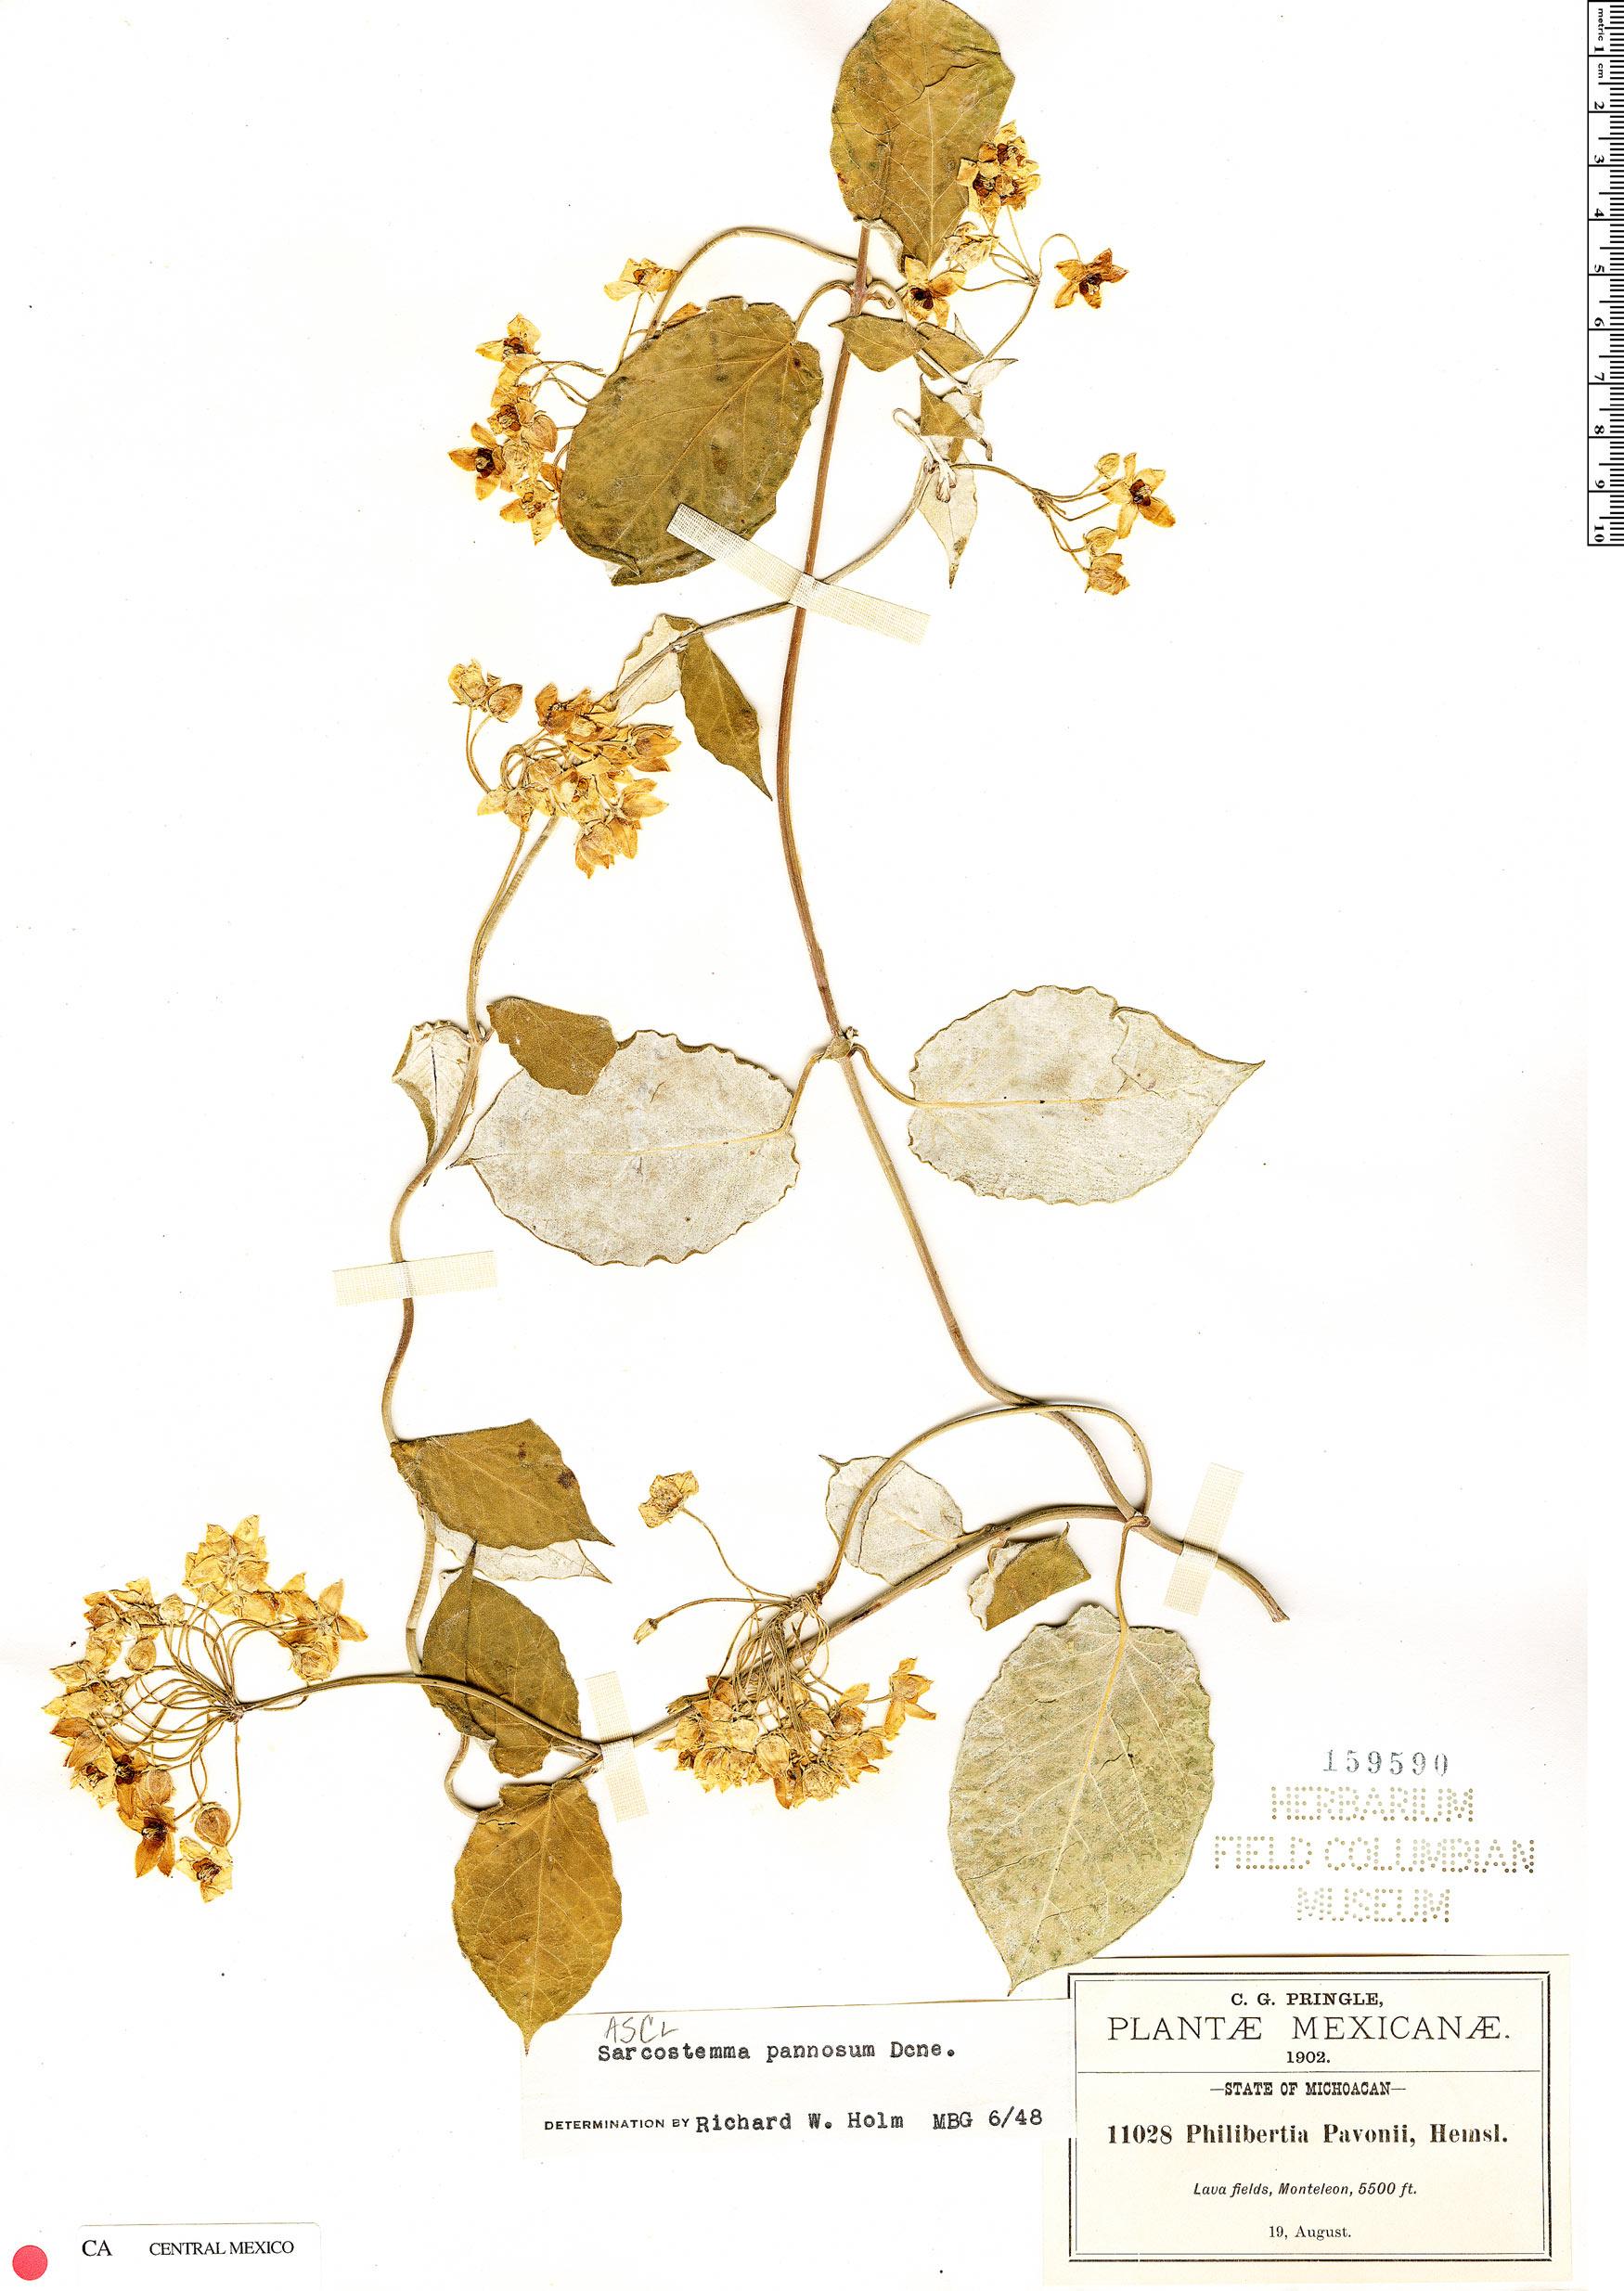 Espécime: Funastrum pannosum